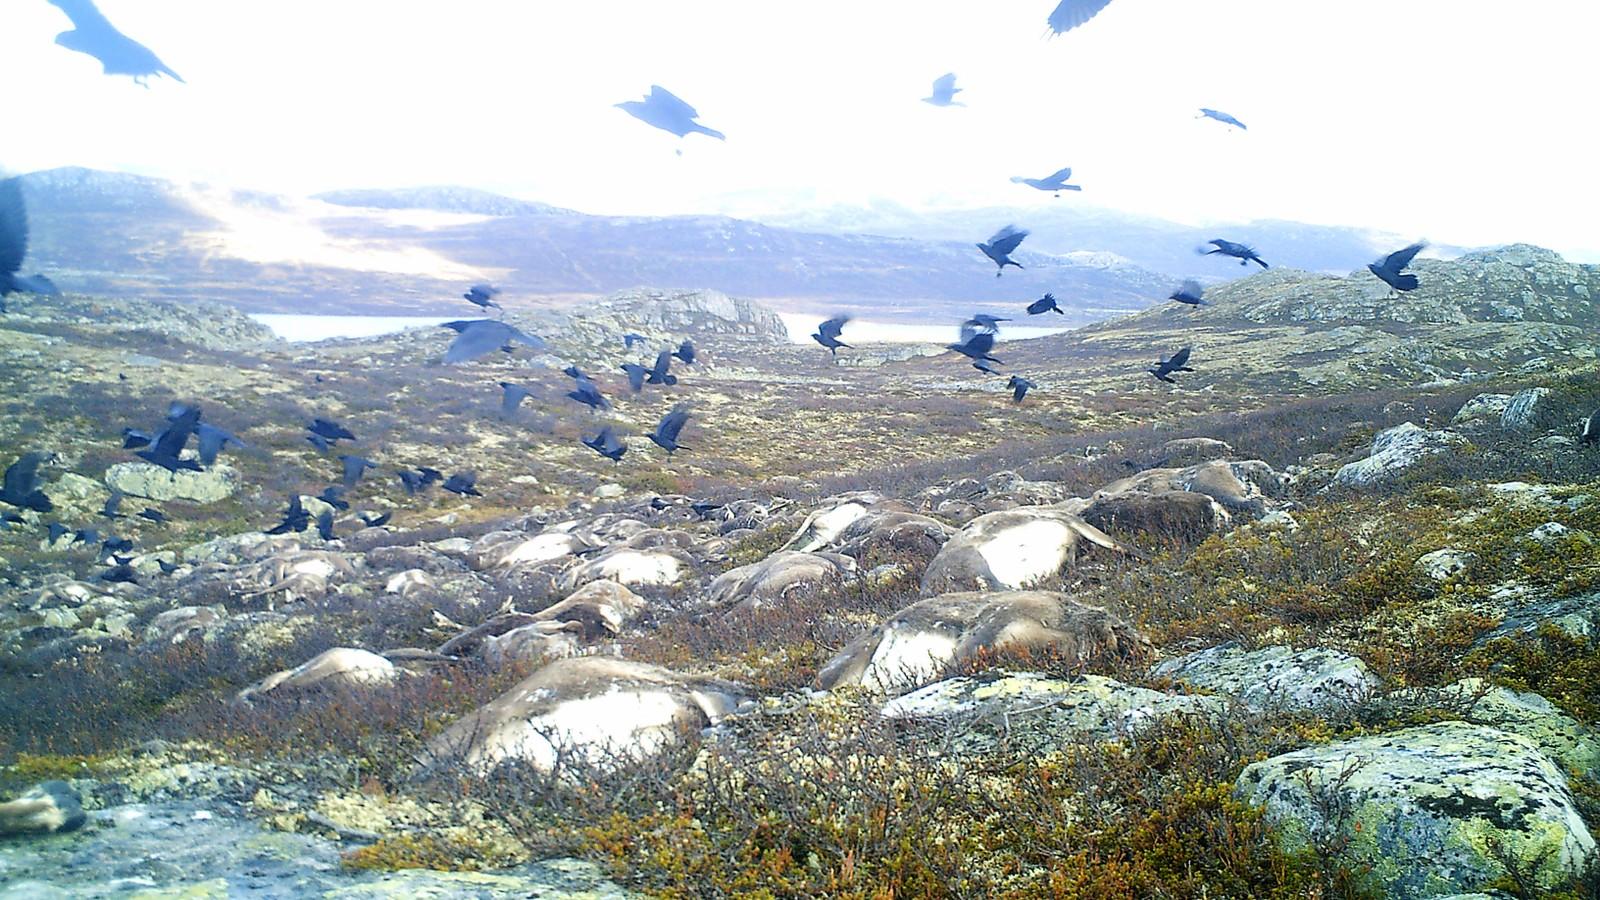 Ravn over villrein-kadaver på Hardangervidda. Bildet er tatt 23. september 2016.